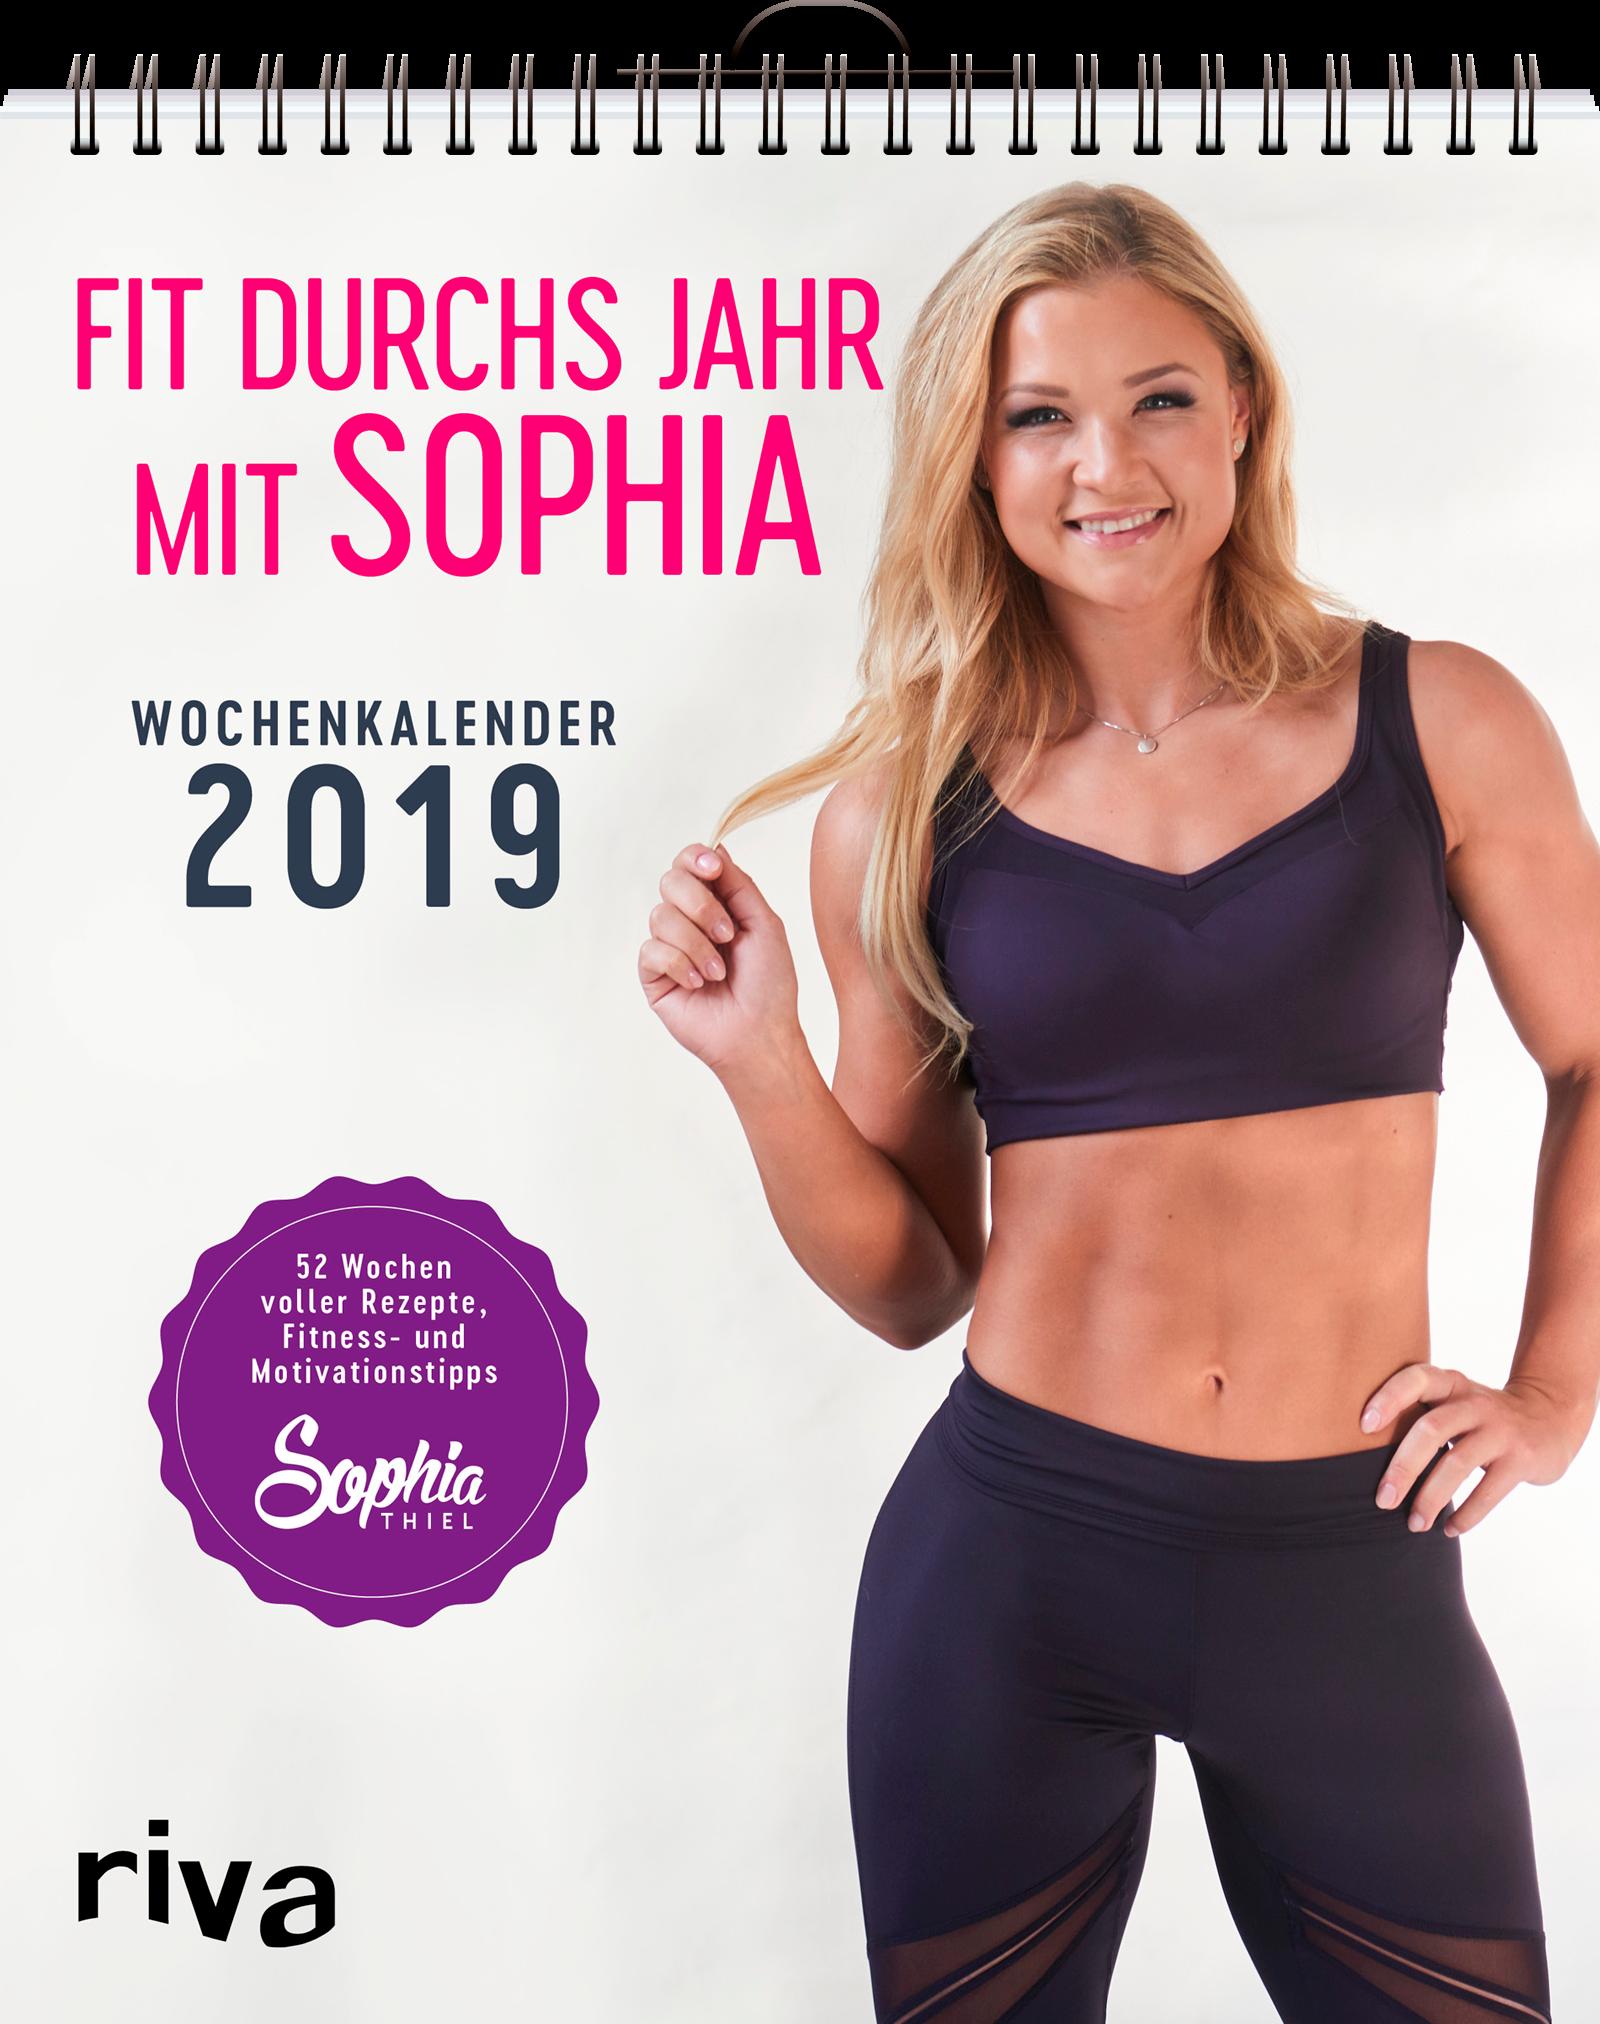 Fit durchs Jahr mit Sophia – der Wochenkalender 2019